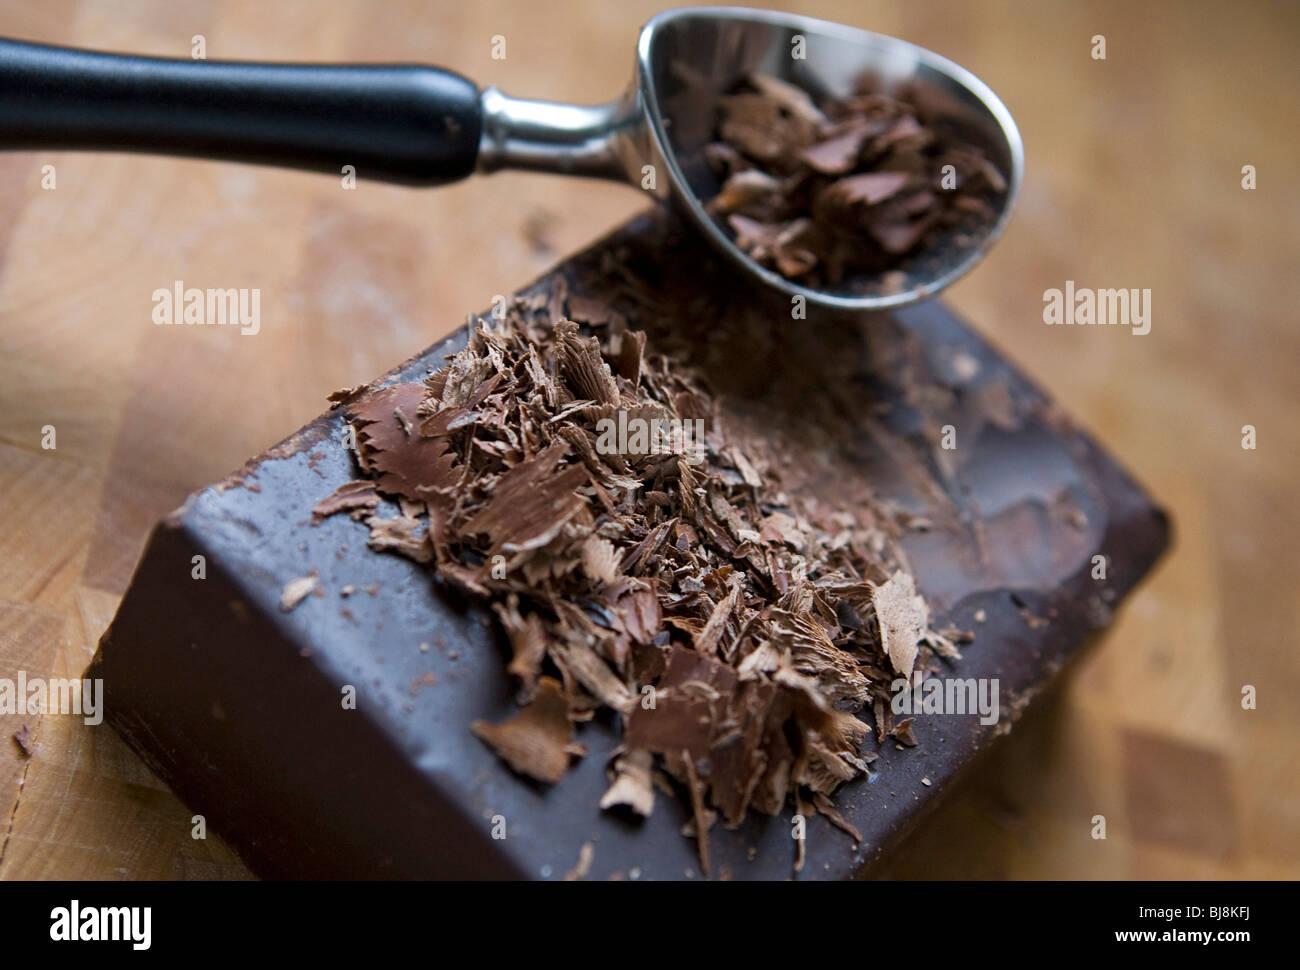 Un blocco di cioccolato fondente e cioccolato fondente a scaglie. Foto Stock